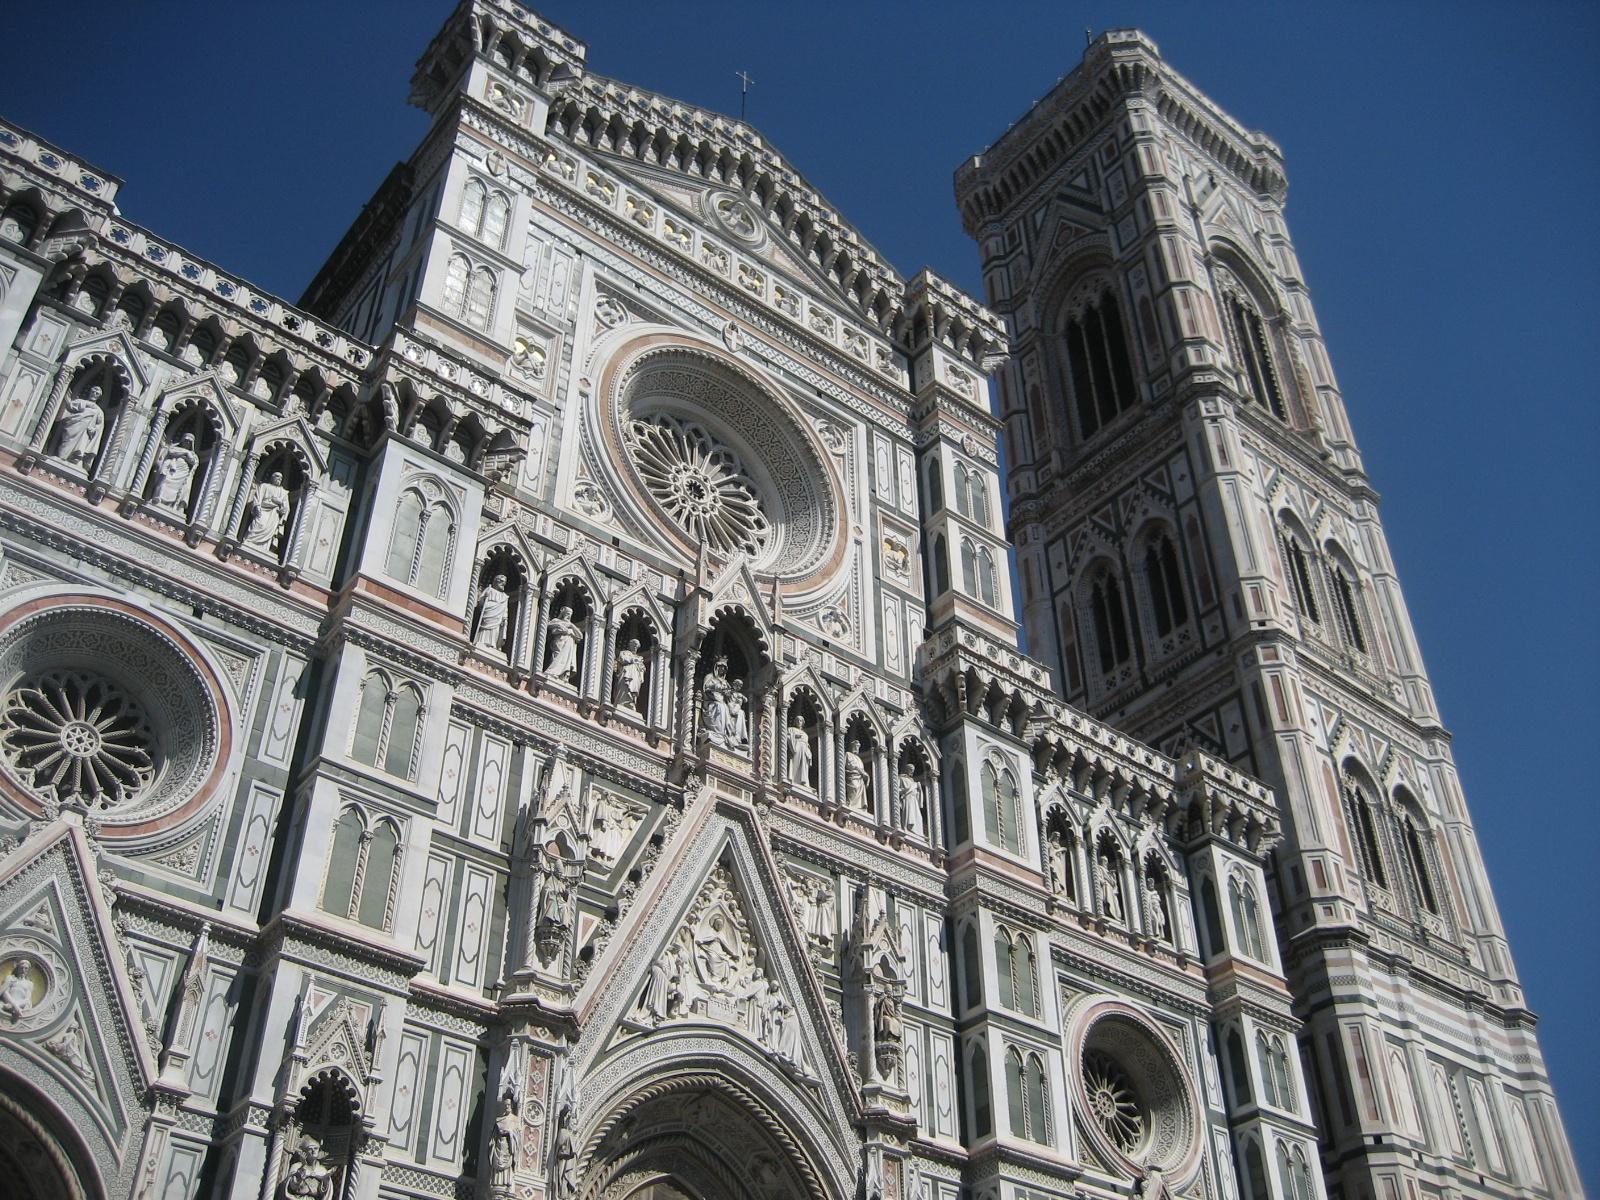 Kas yra Florencijoje vaikams?  Pasivaikščiojimo Florencijos centre metu mes suklupome į Santa Maria del Fiore, Florencijos katedrą ir užburiančius marmurus.  Tie ir arklių vežimėliai lauke, kur labai patiko vaikai